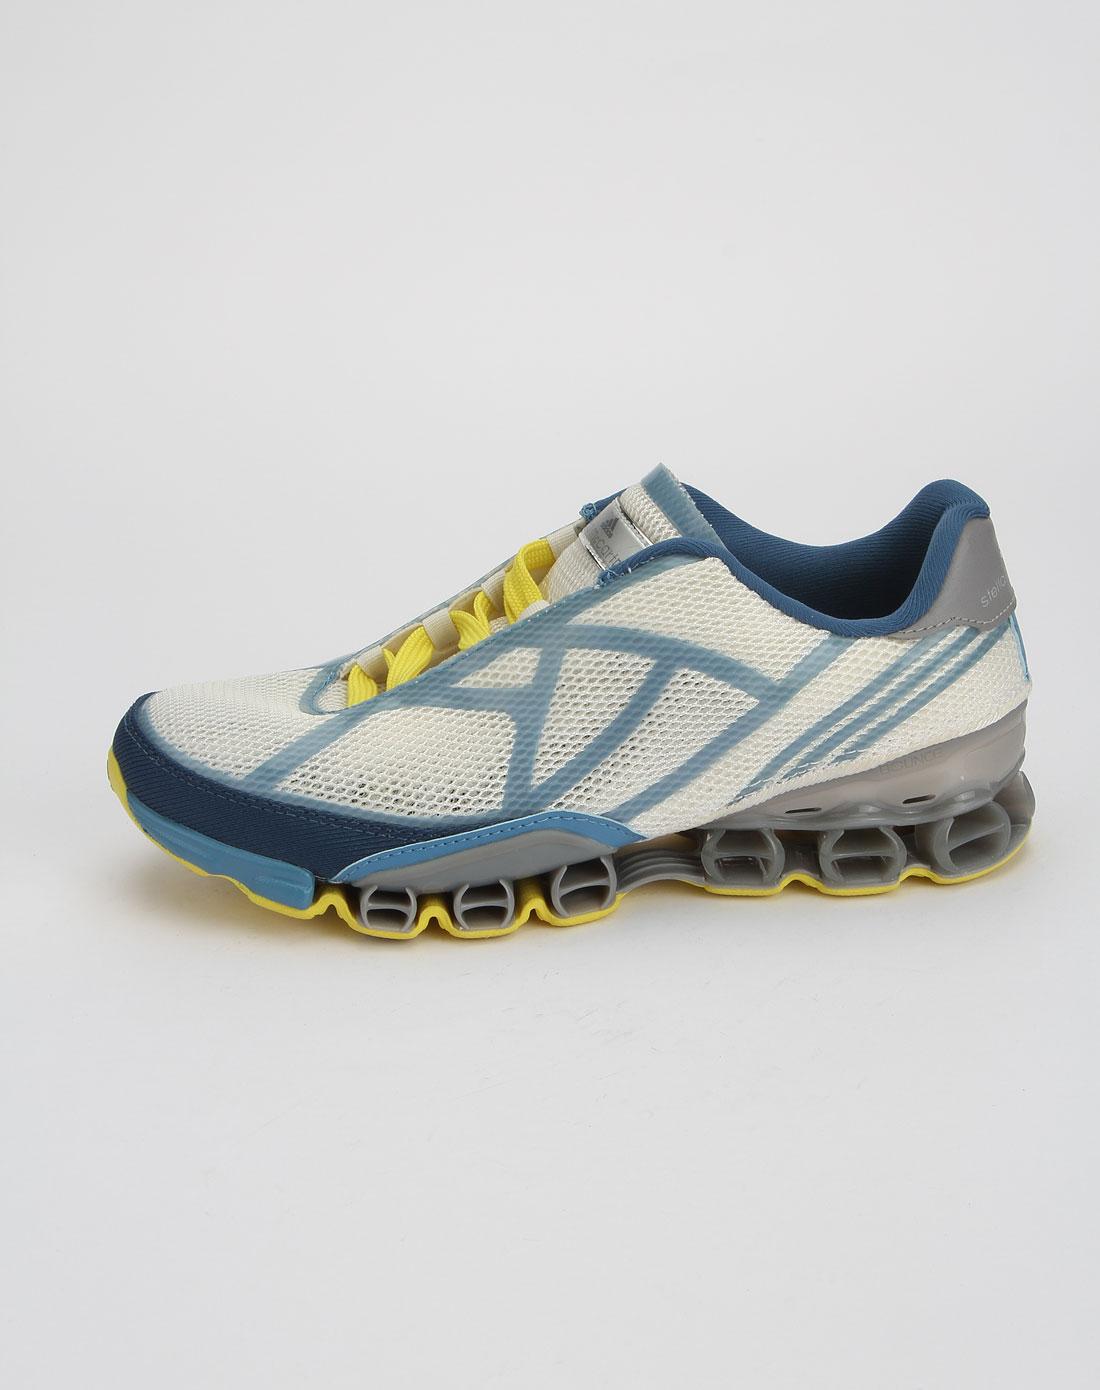 阿迪达斯adidas白色时尚透气运动鞋g41807